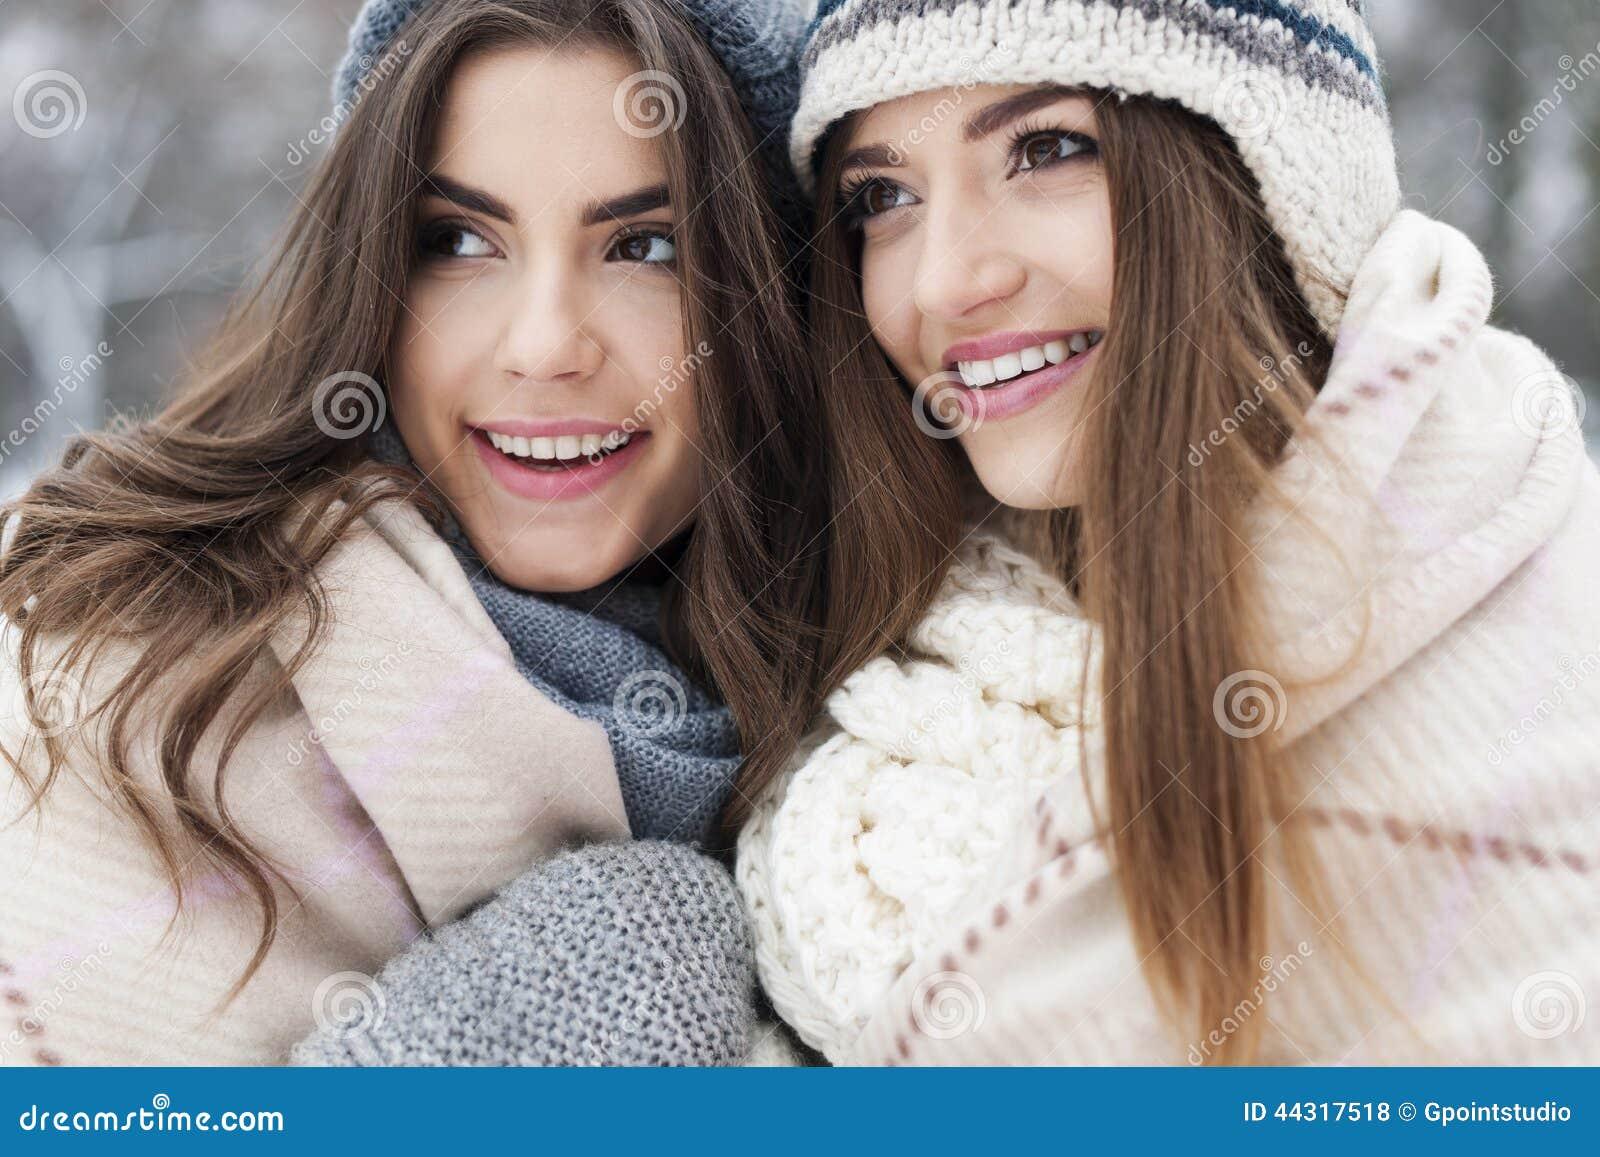 Фото подружек зимой 9 фотография